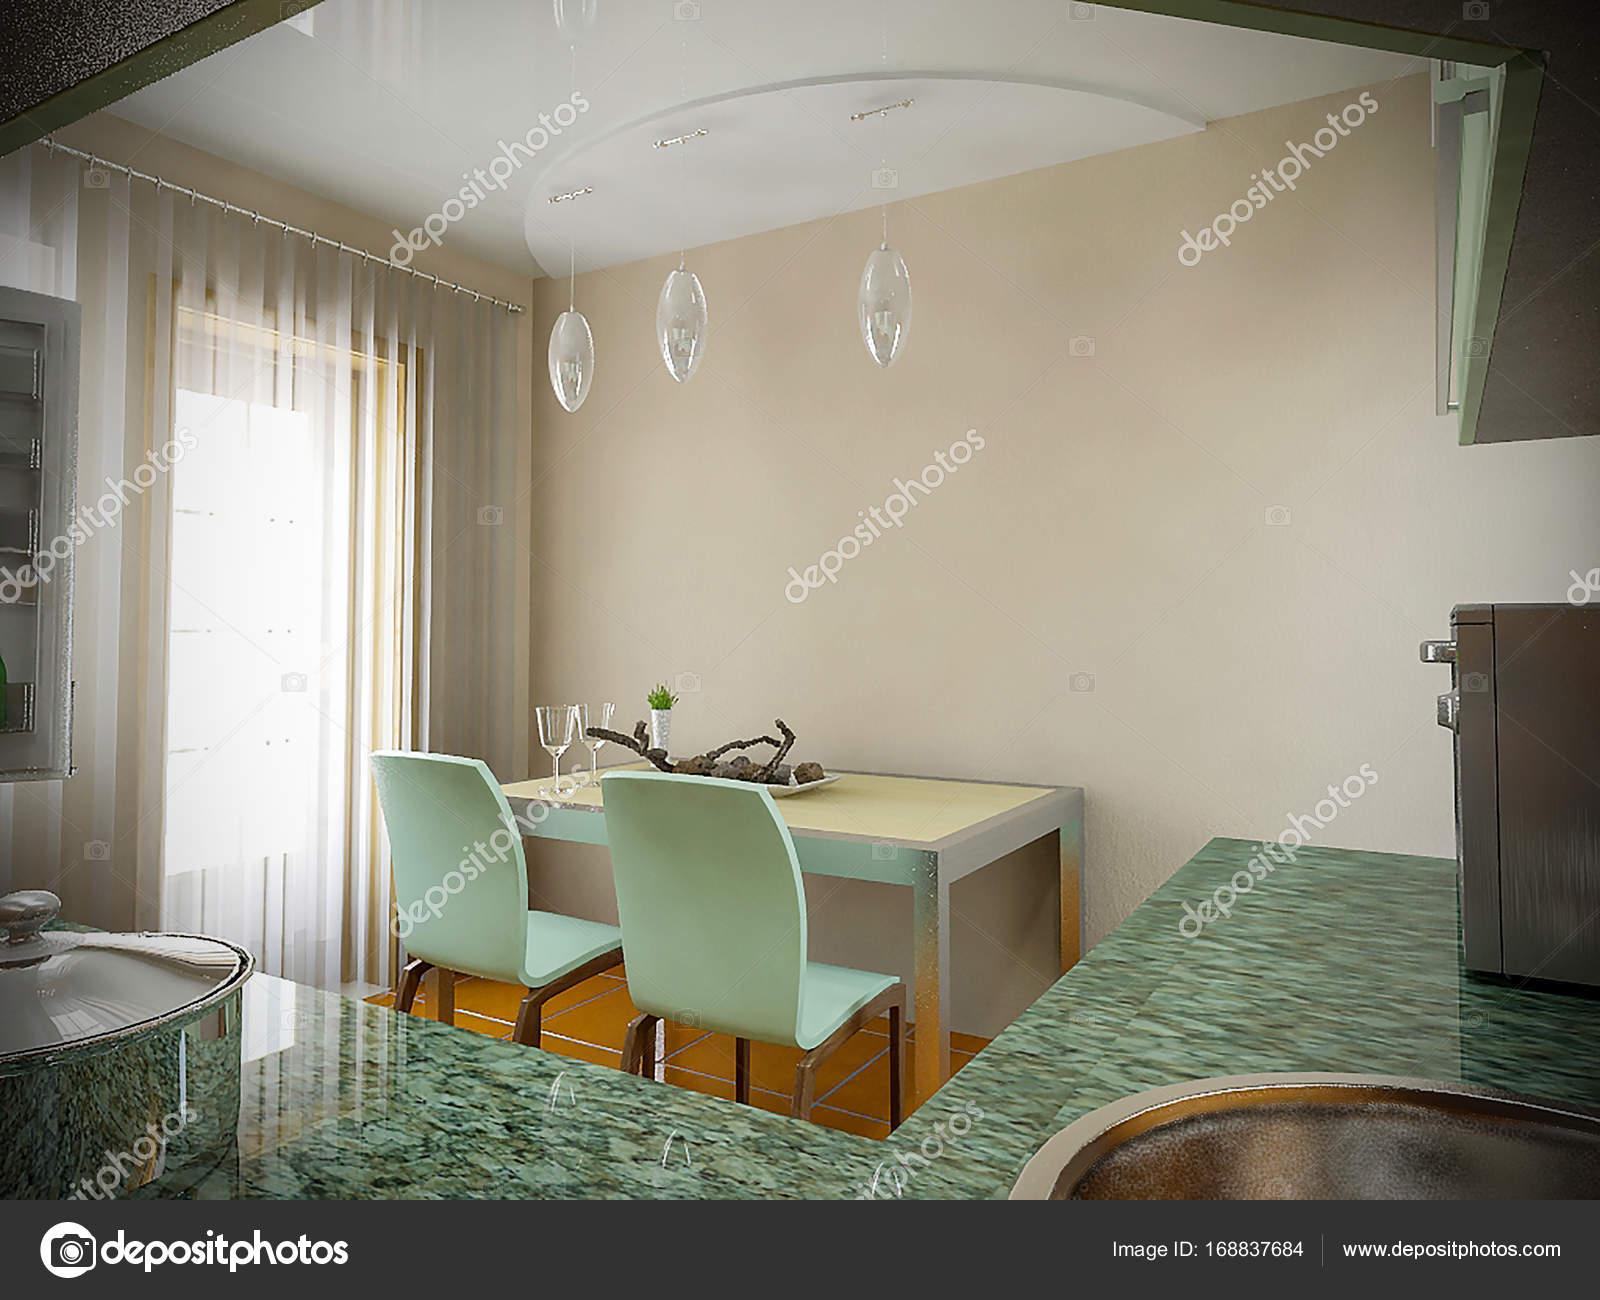 Keuken Design Ideeen : Keuken interieur ideeën 3d render u2014 stockfoto © threedicube #168837684